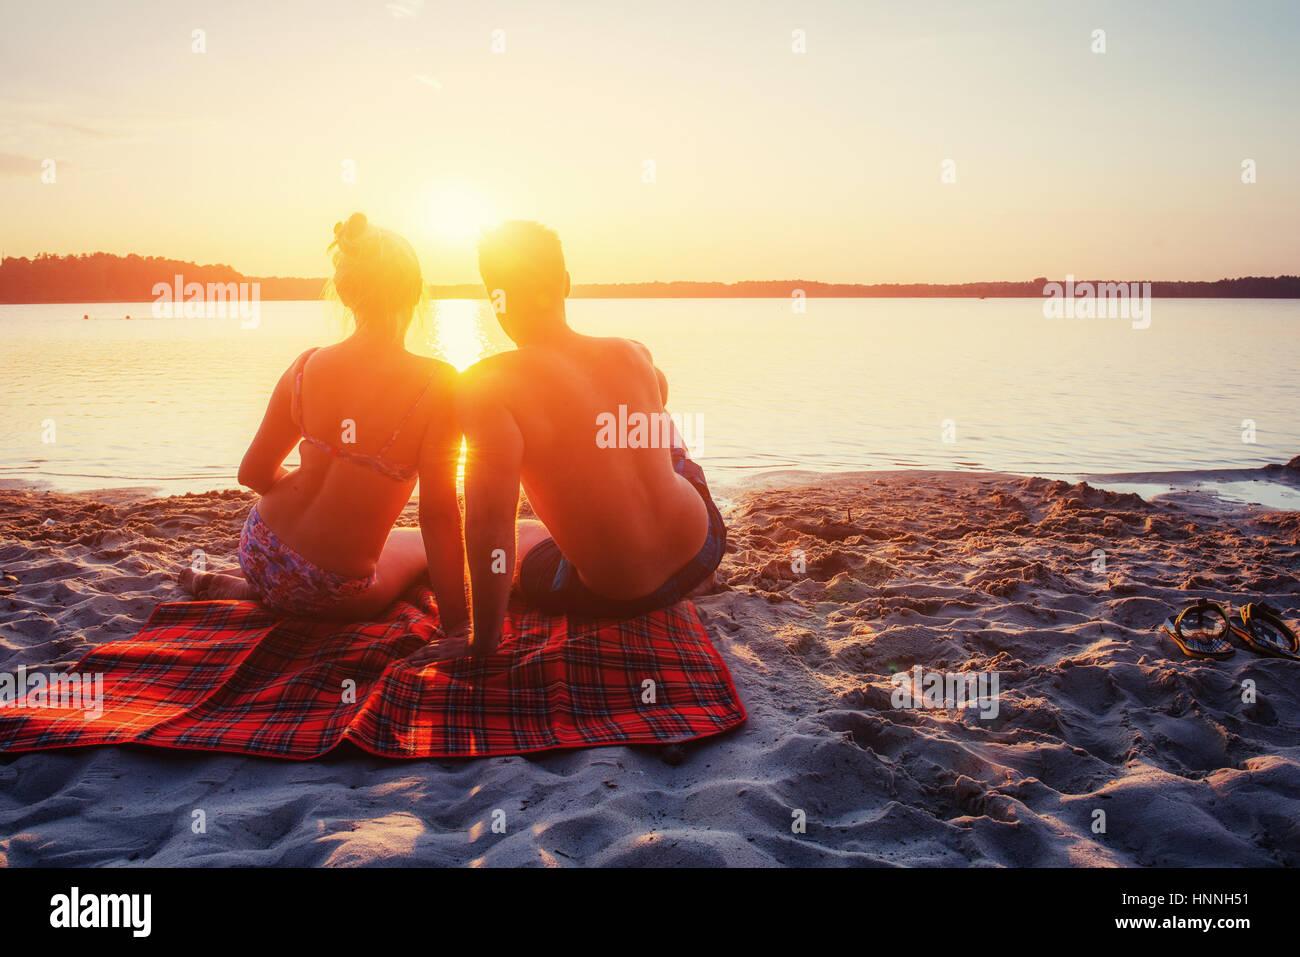 Coppia romantica sulla spiaggia al tramonto colorato Immagini Stock